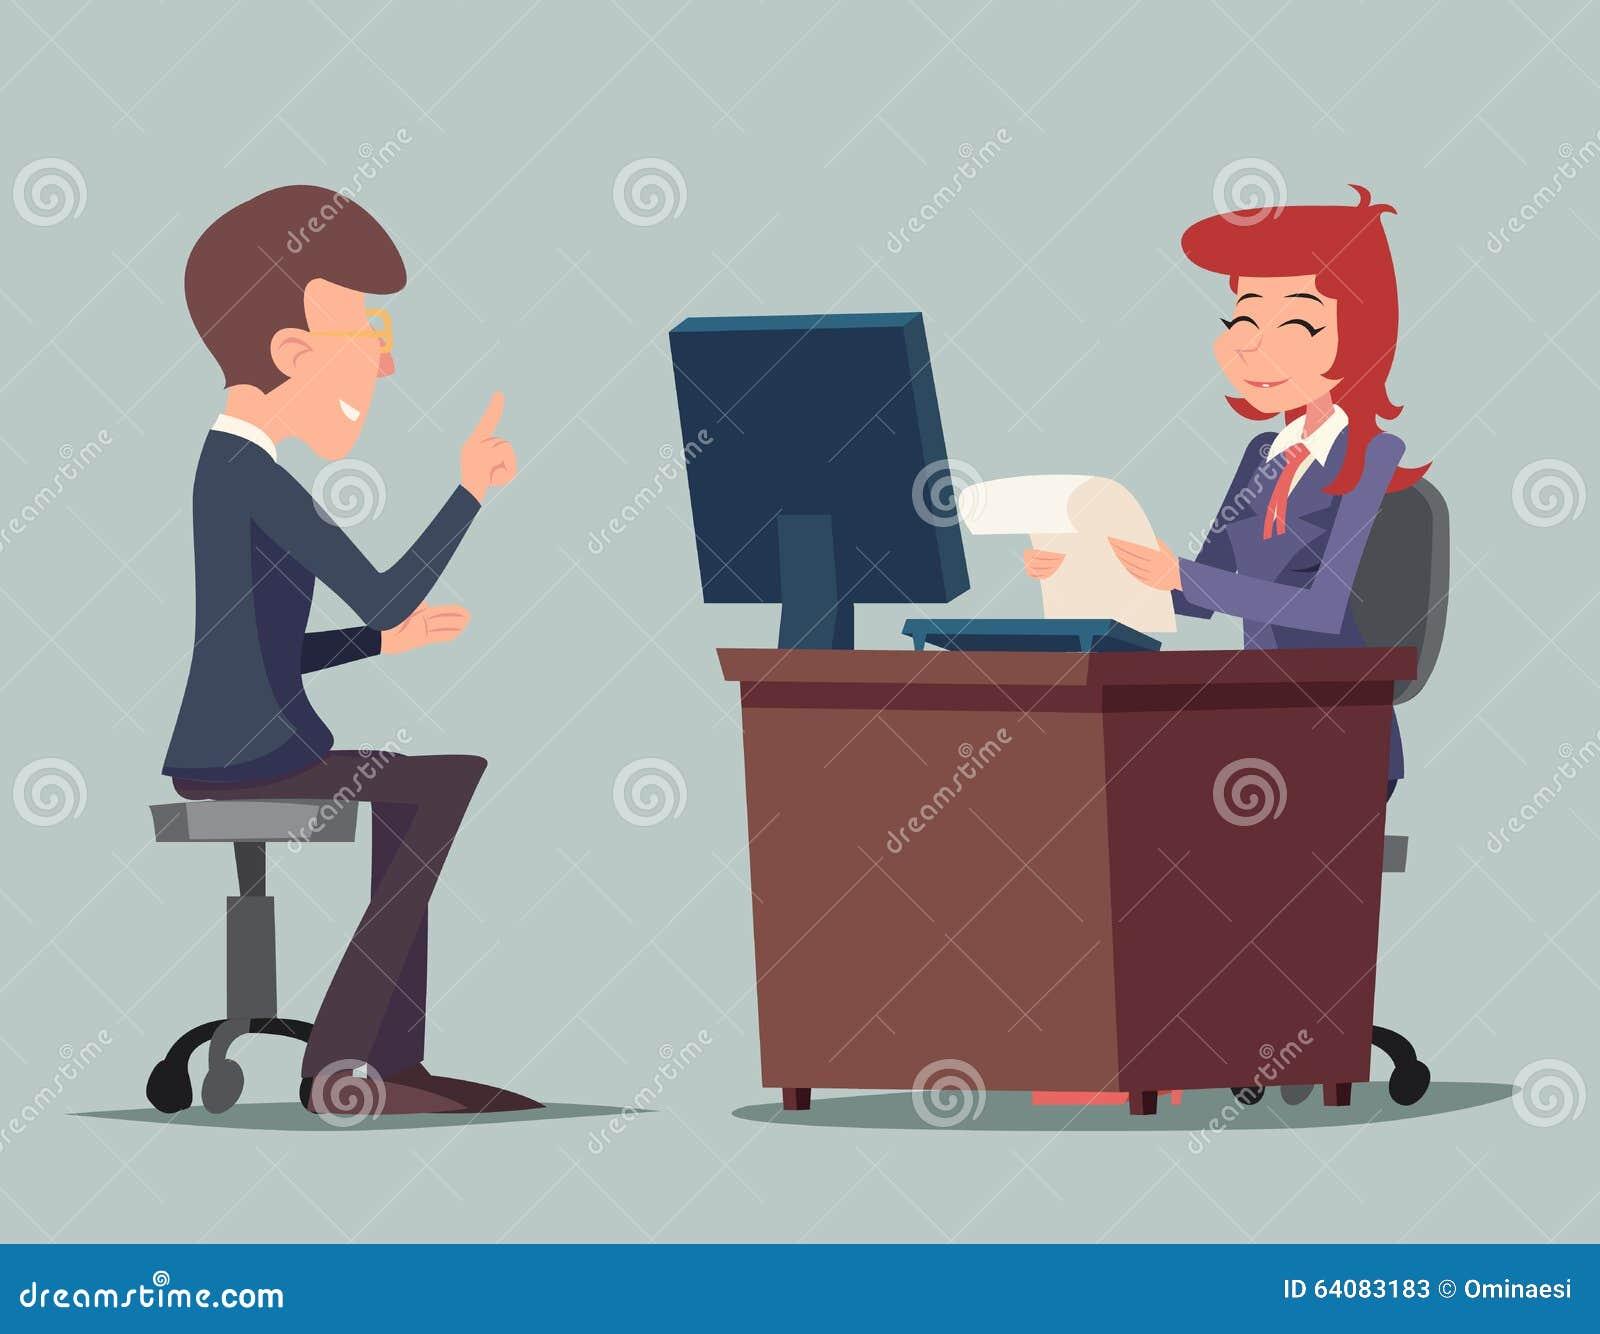 Conversazione Job Interview Businessman di compito a